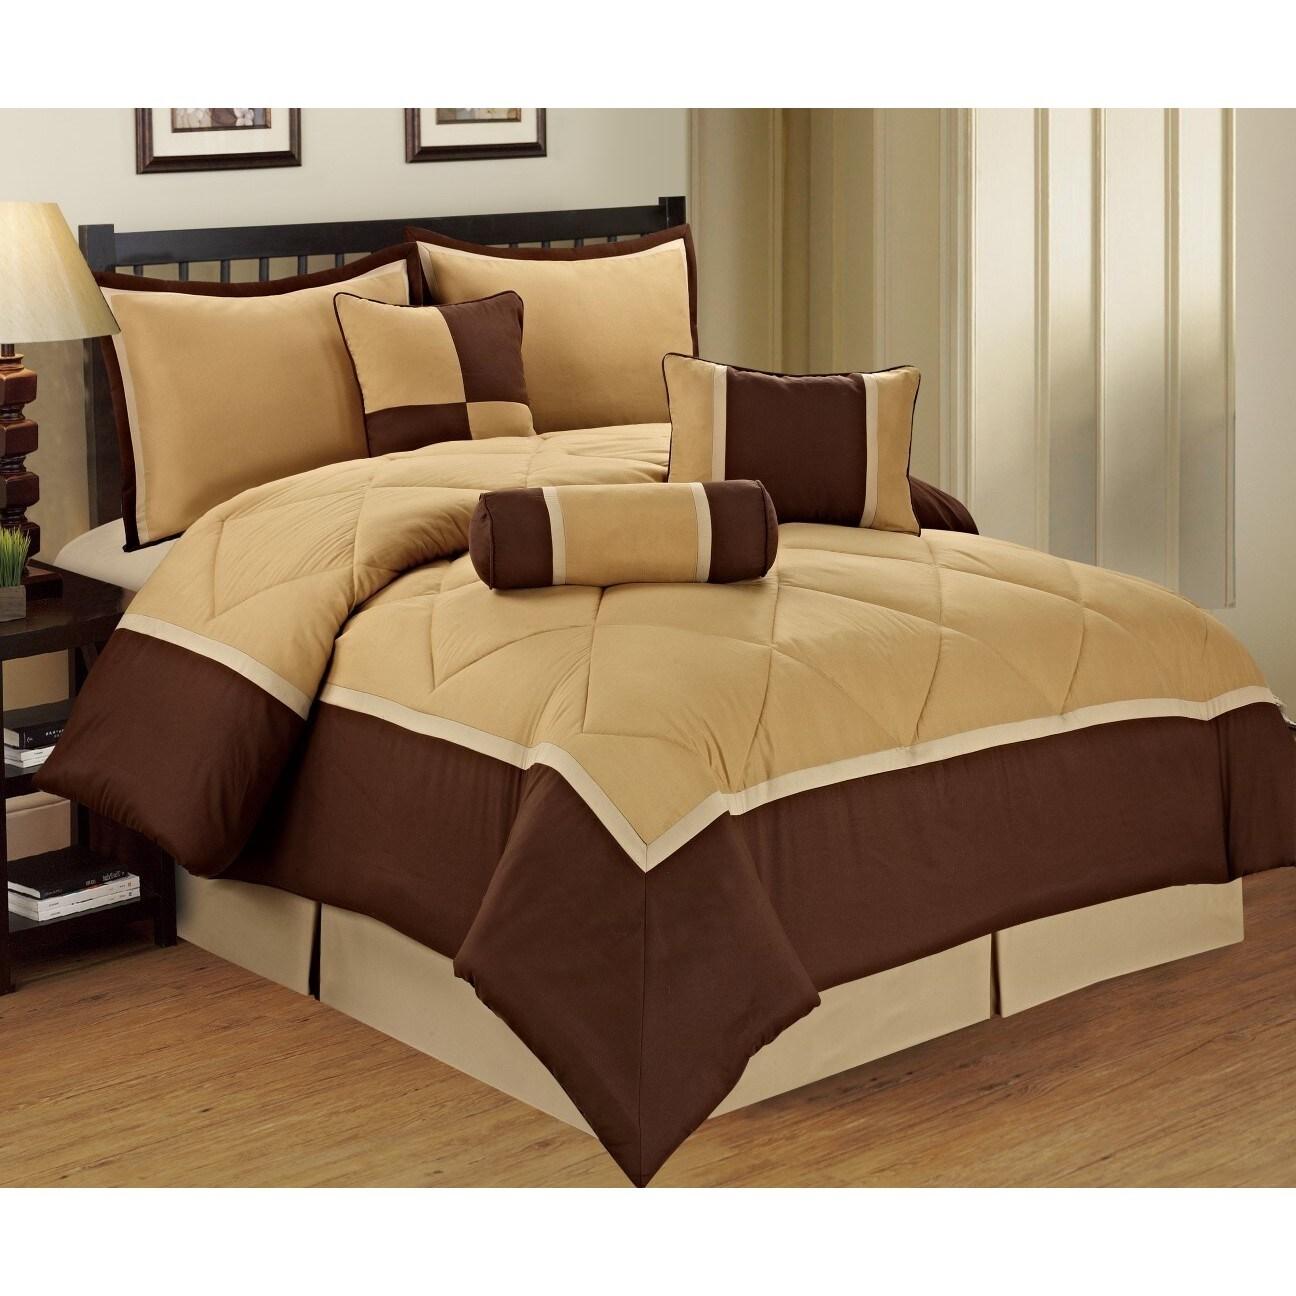 Queen Size Comforter Set 7pc Callistro